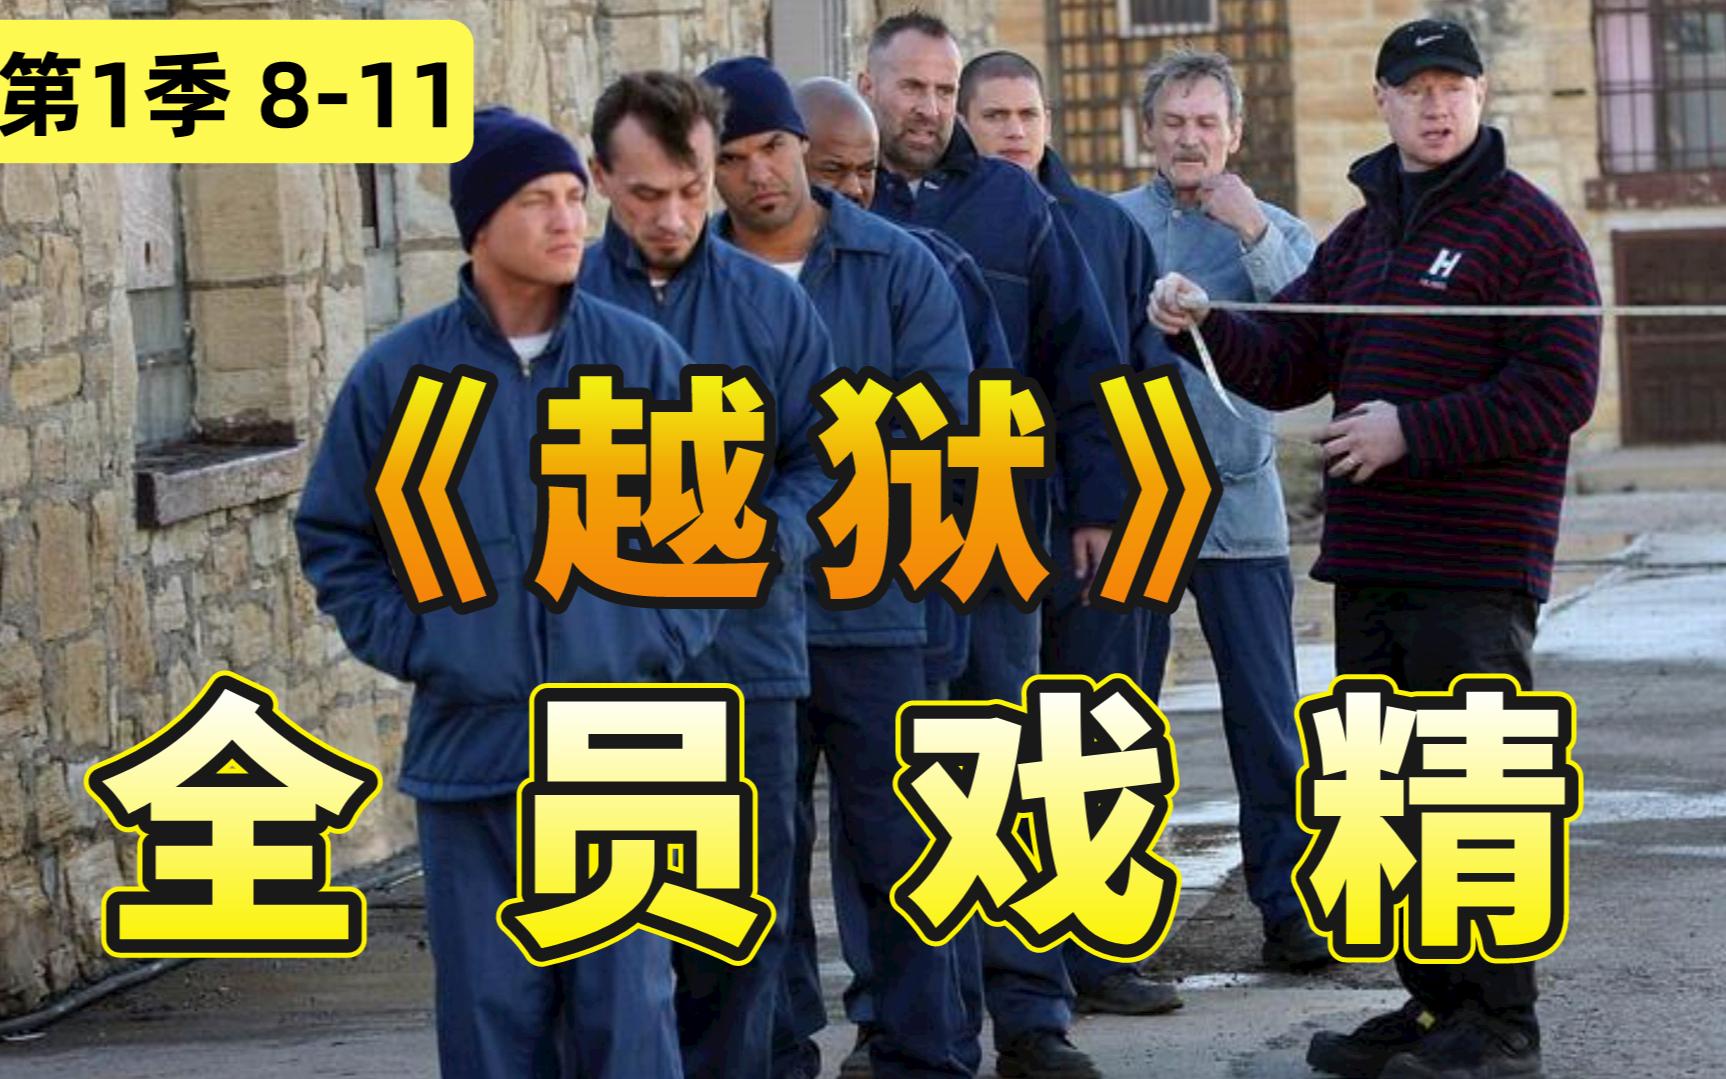 【阿斗】集集惊心动魄!越狱计划频发变故人员超载,经典美剧《越狱》第一季8-11集全解读